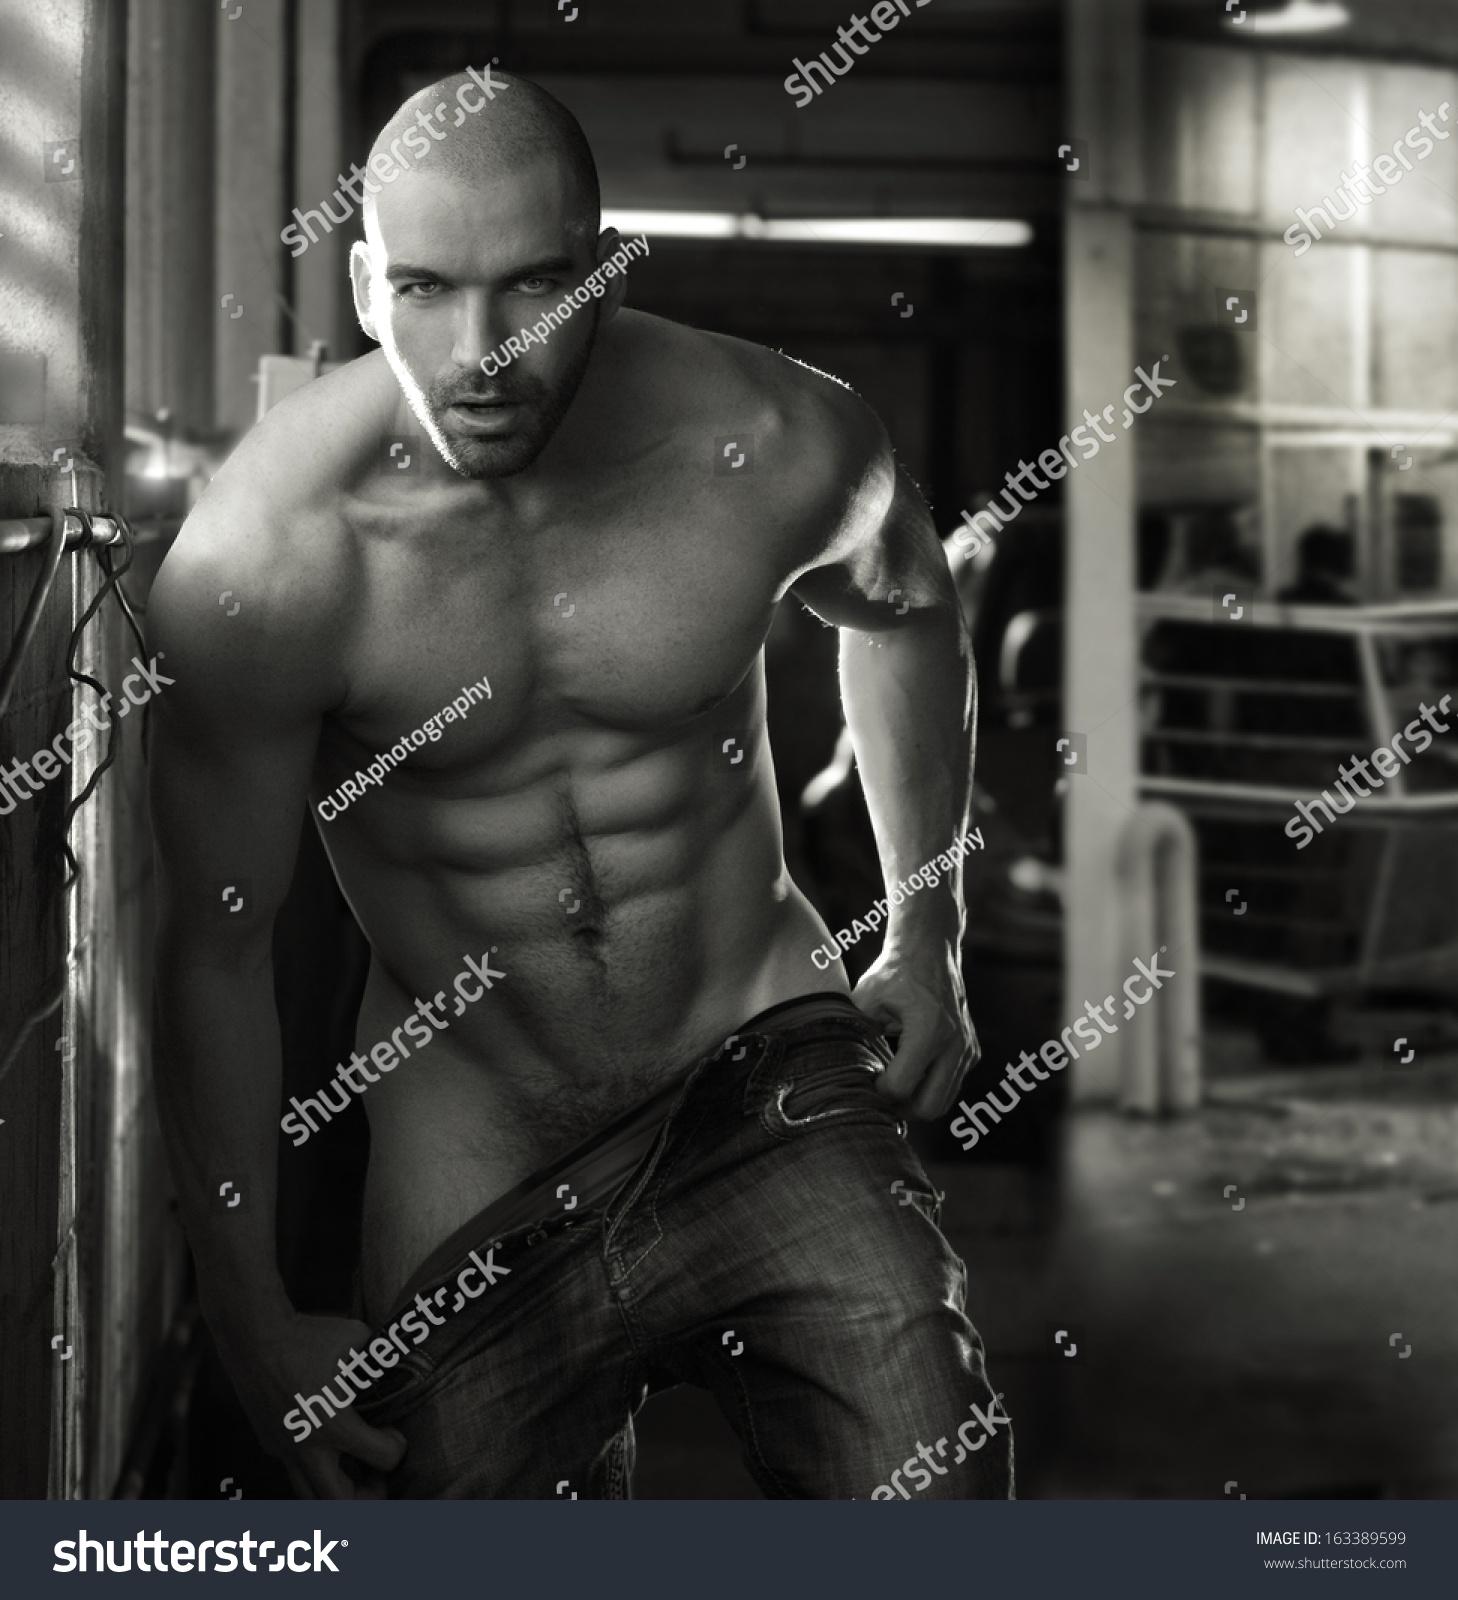 Muscular Men Nude 118